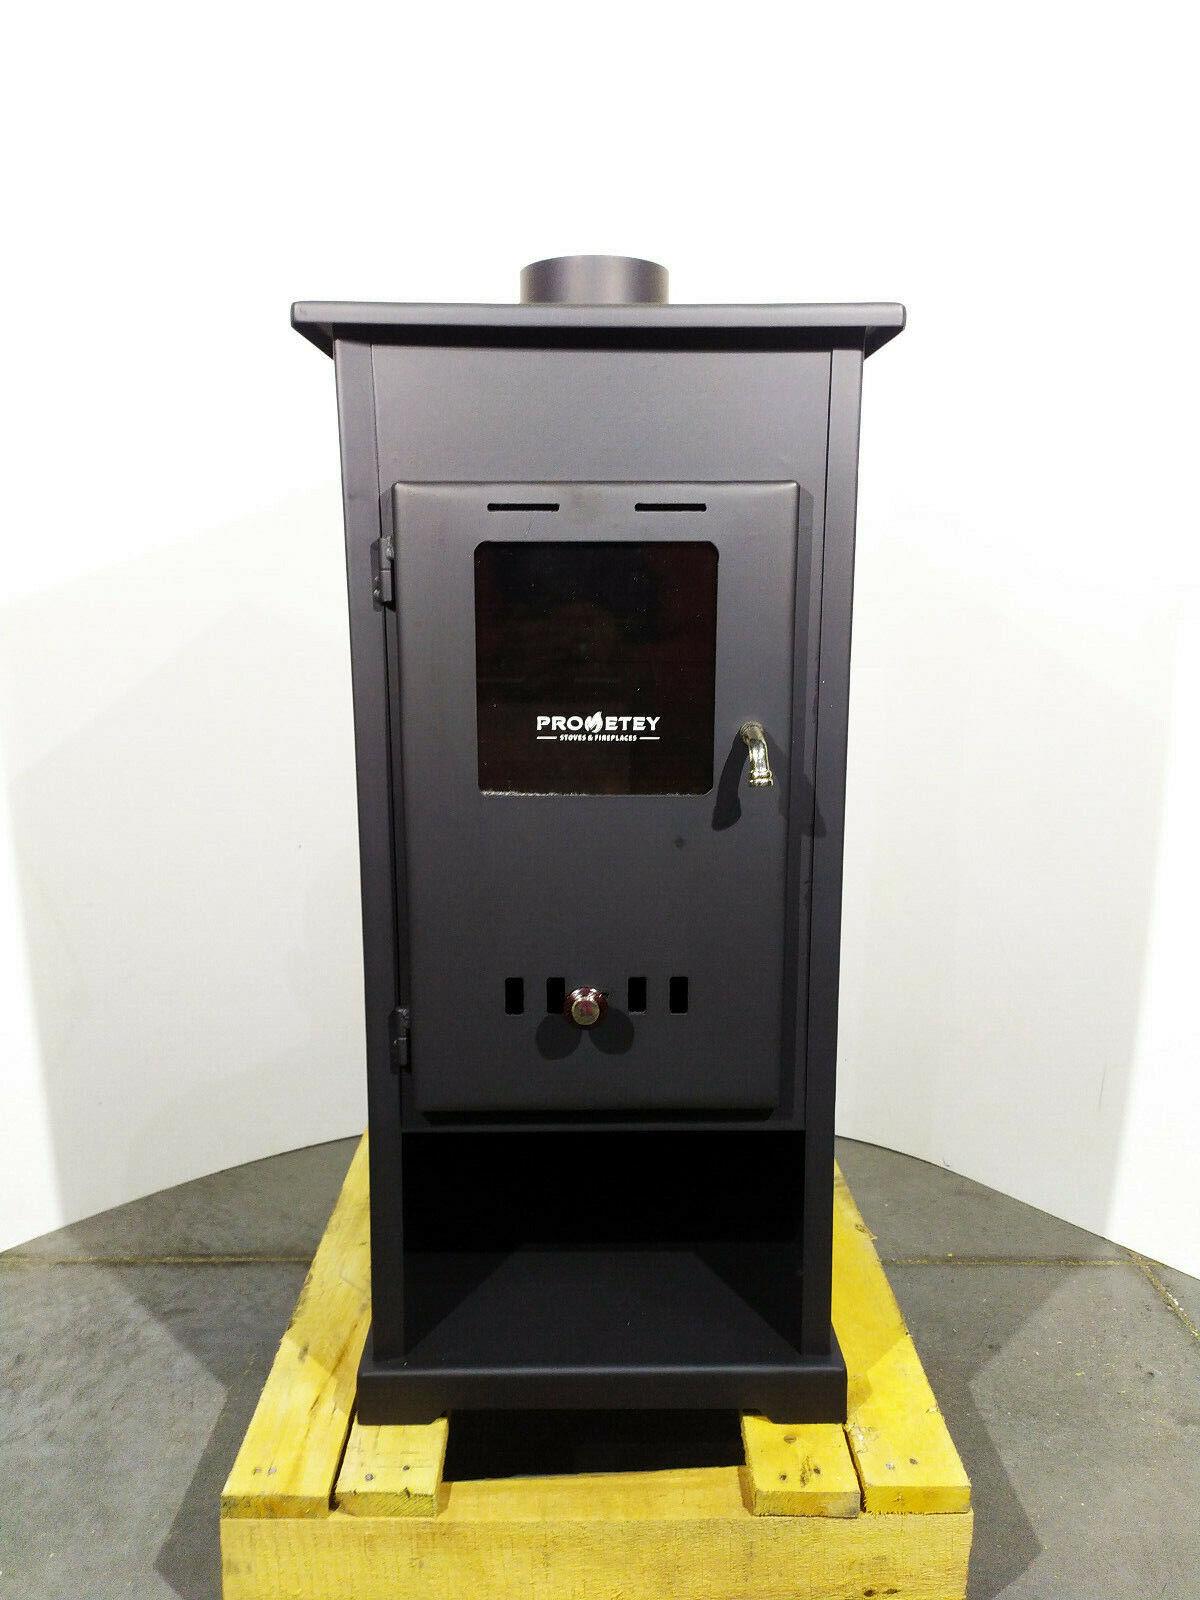 Fabricant Poele A Bois Espagne détails sur chauffage au bois poêle solide carburant cheminée 5 kw d  prometey mini b neuf